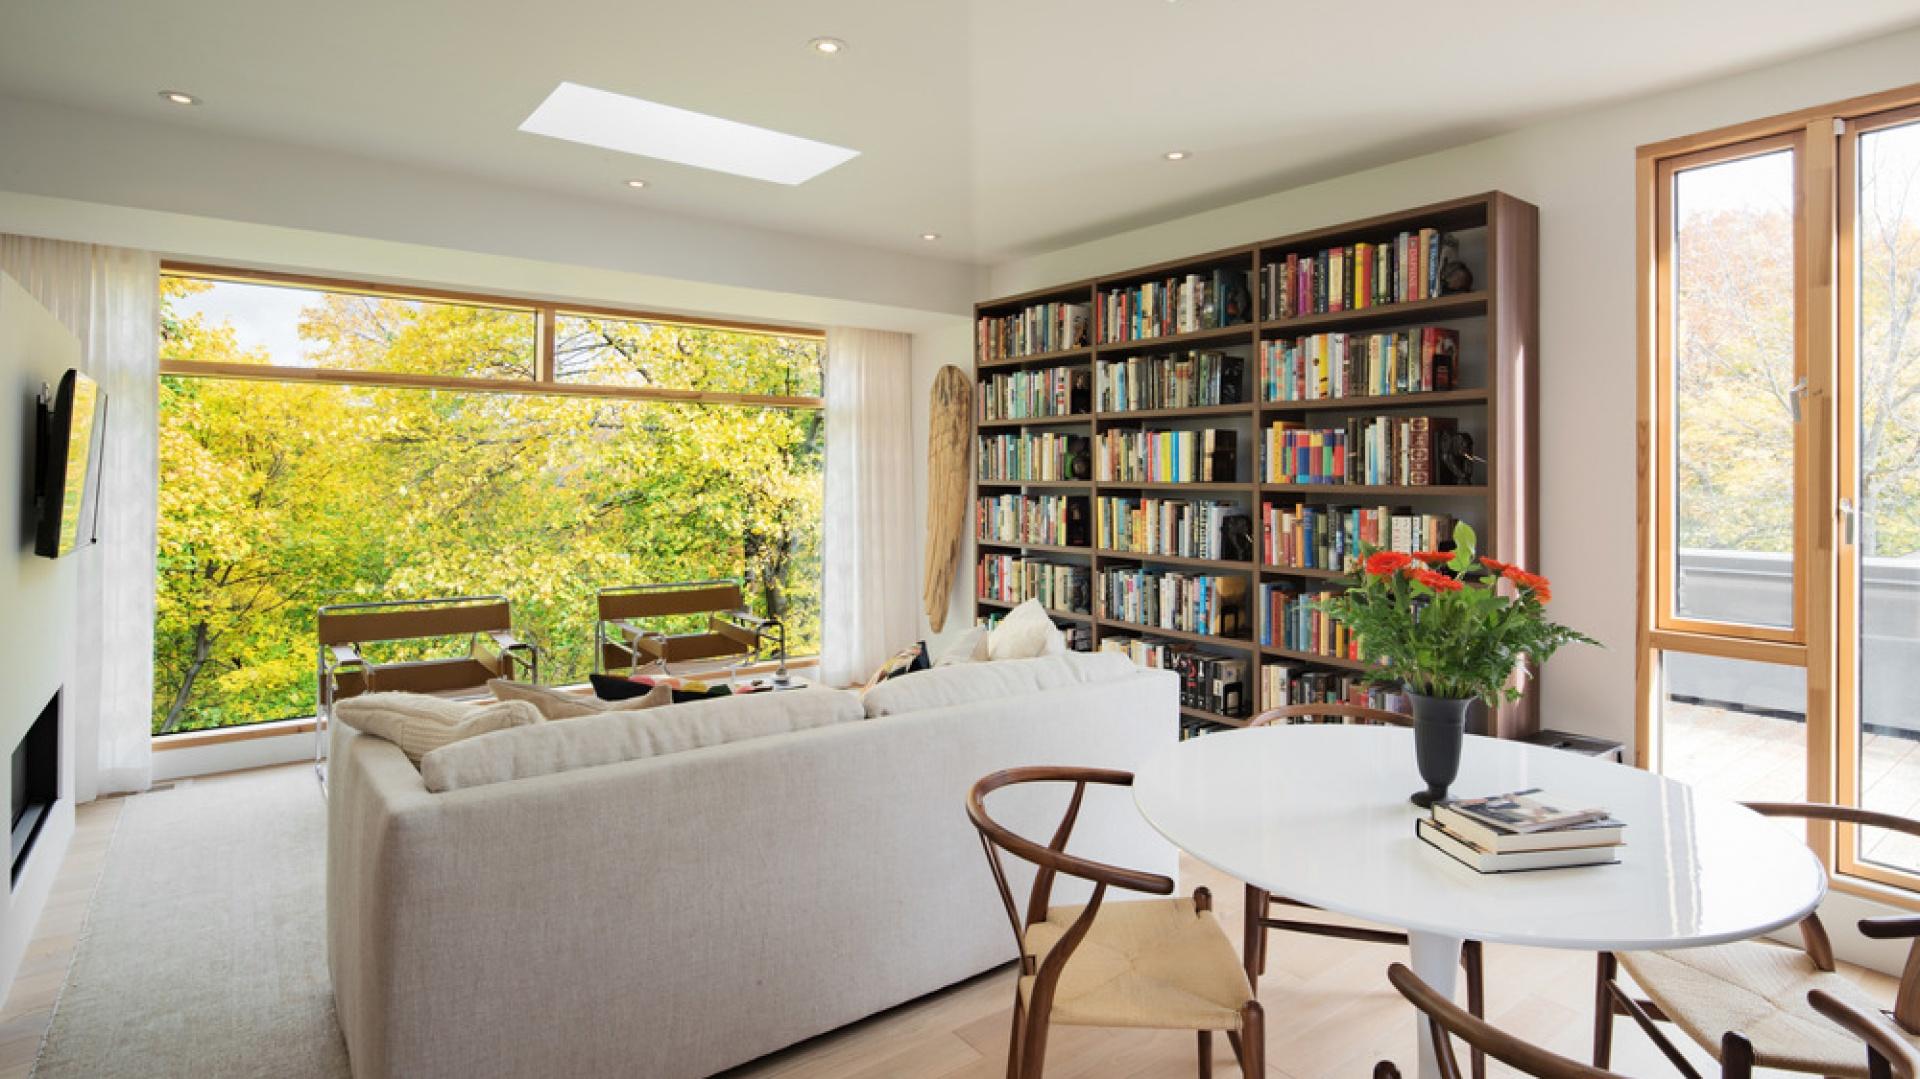 Jedną ze ścian w salonie pokrywa duża, drewniana biblioteczka, harmonizująca z krzesłami, wykonanymi z giętego drewna. Projekt: TACT Design. Fot. David Giral.